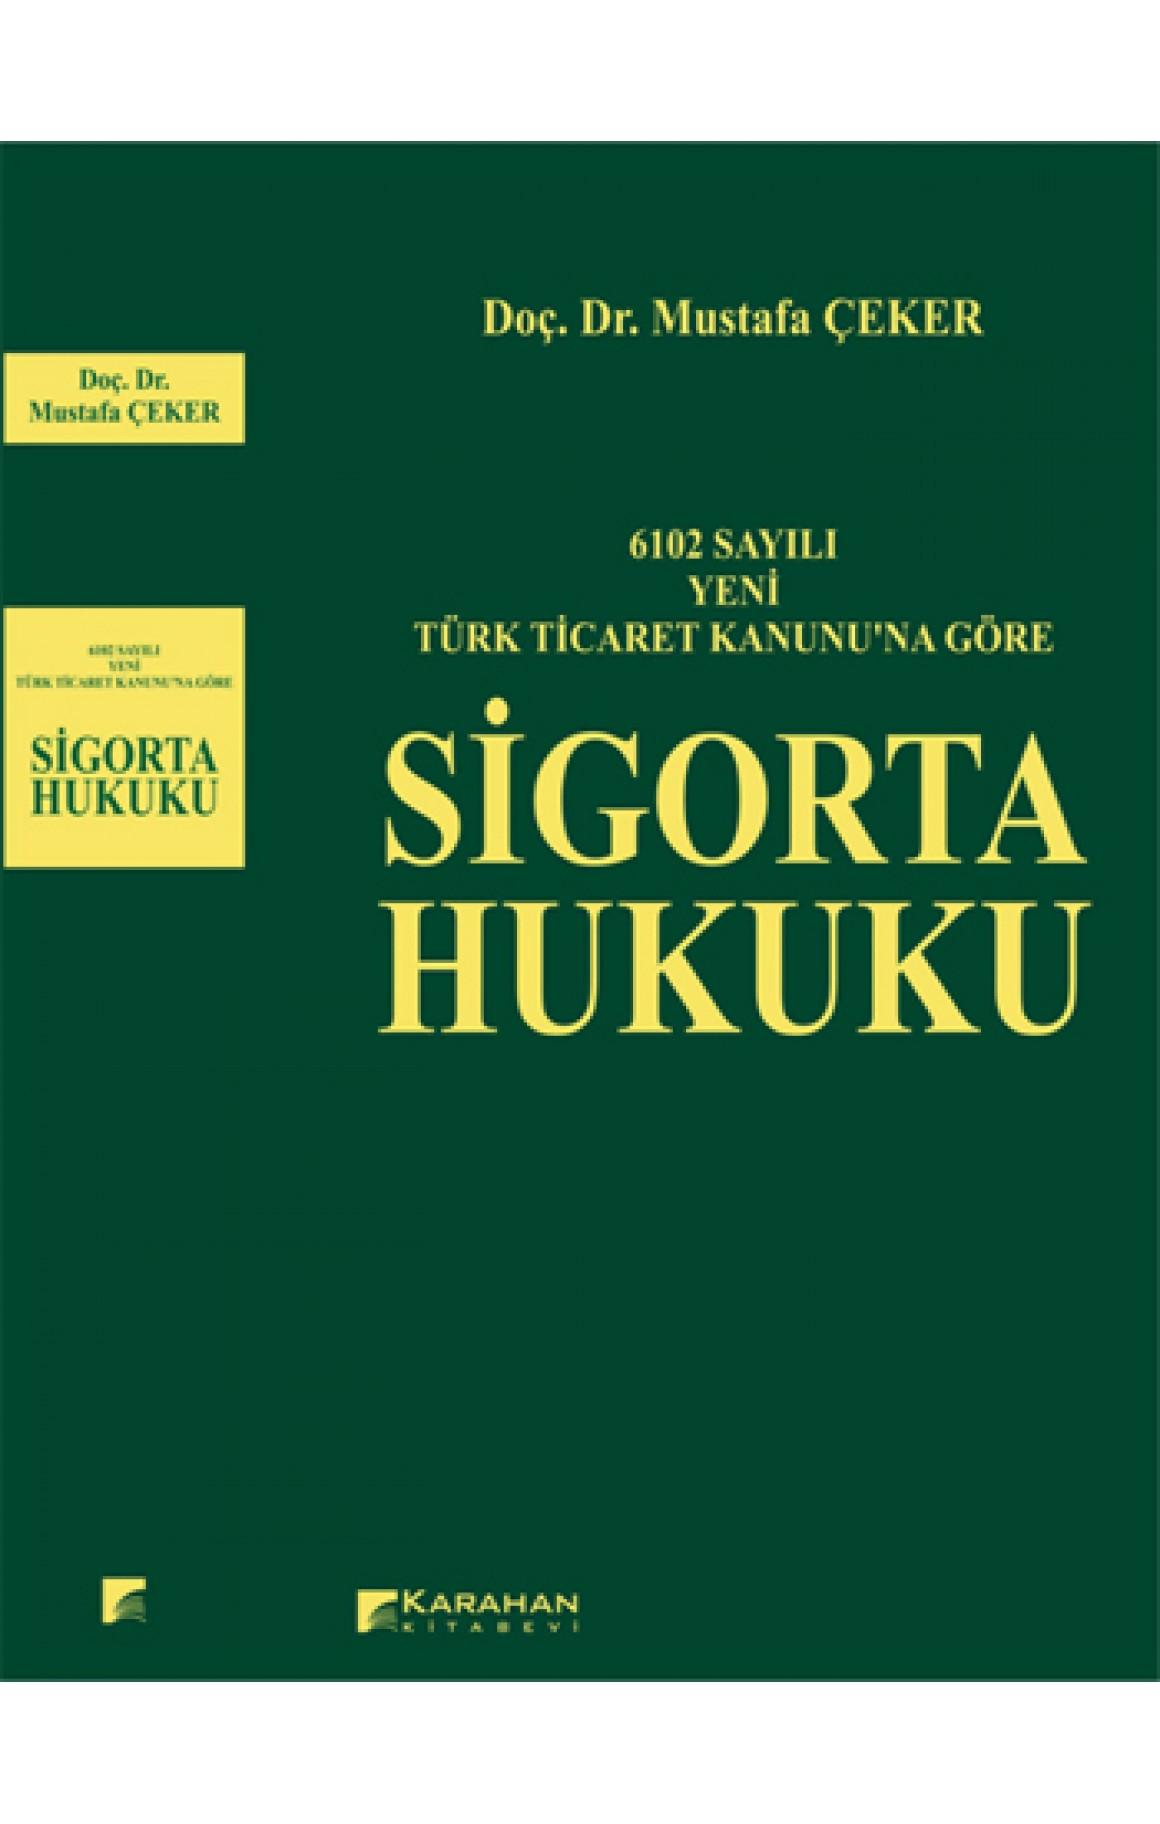 6102 Sayili Yeni Türk Ticaret Kanununa Göre Sigorta Hukuku